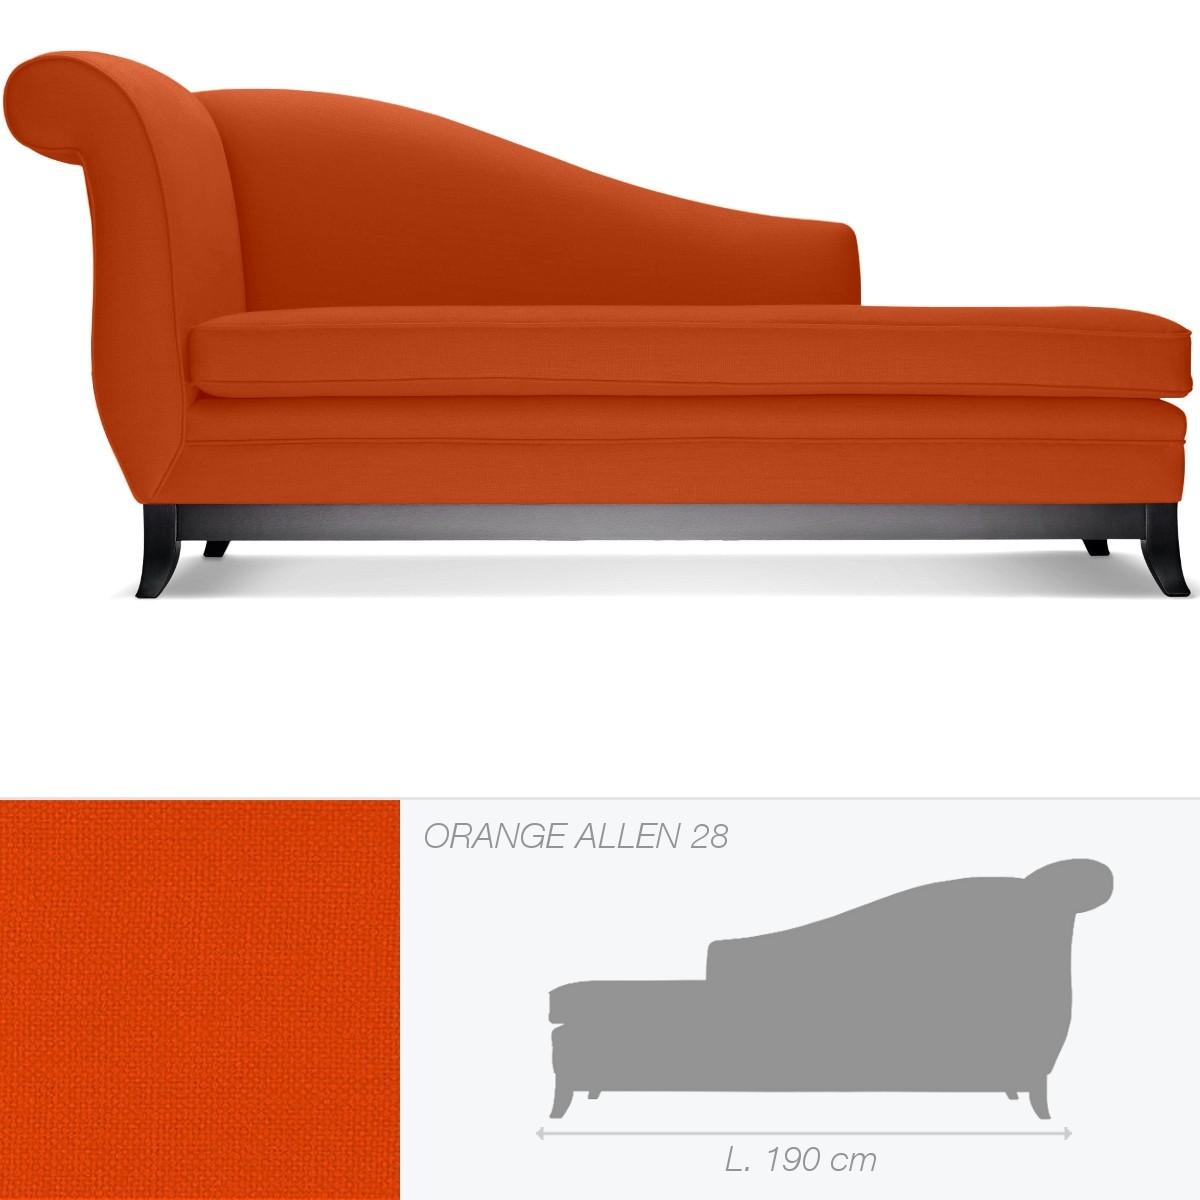 meridienne_georgetown_de_marie_s_corner_orange_allen_28